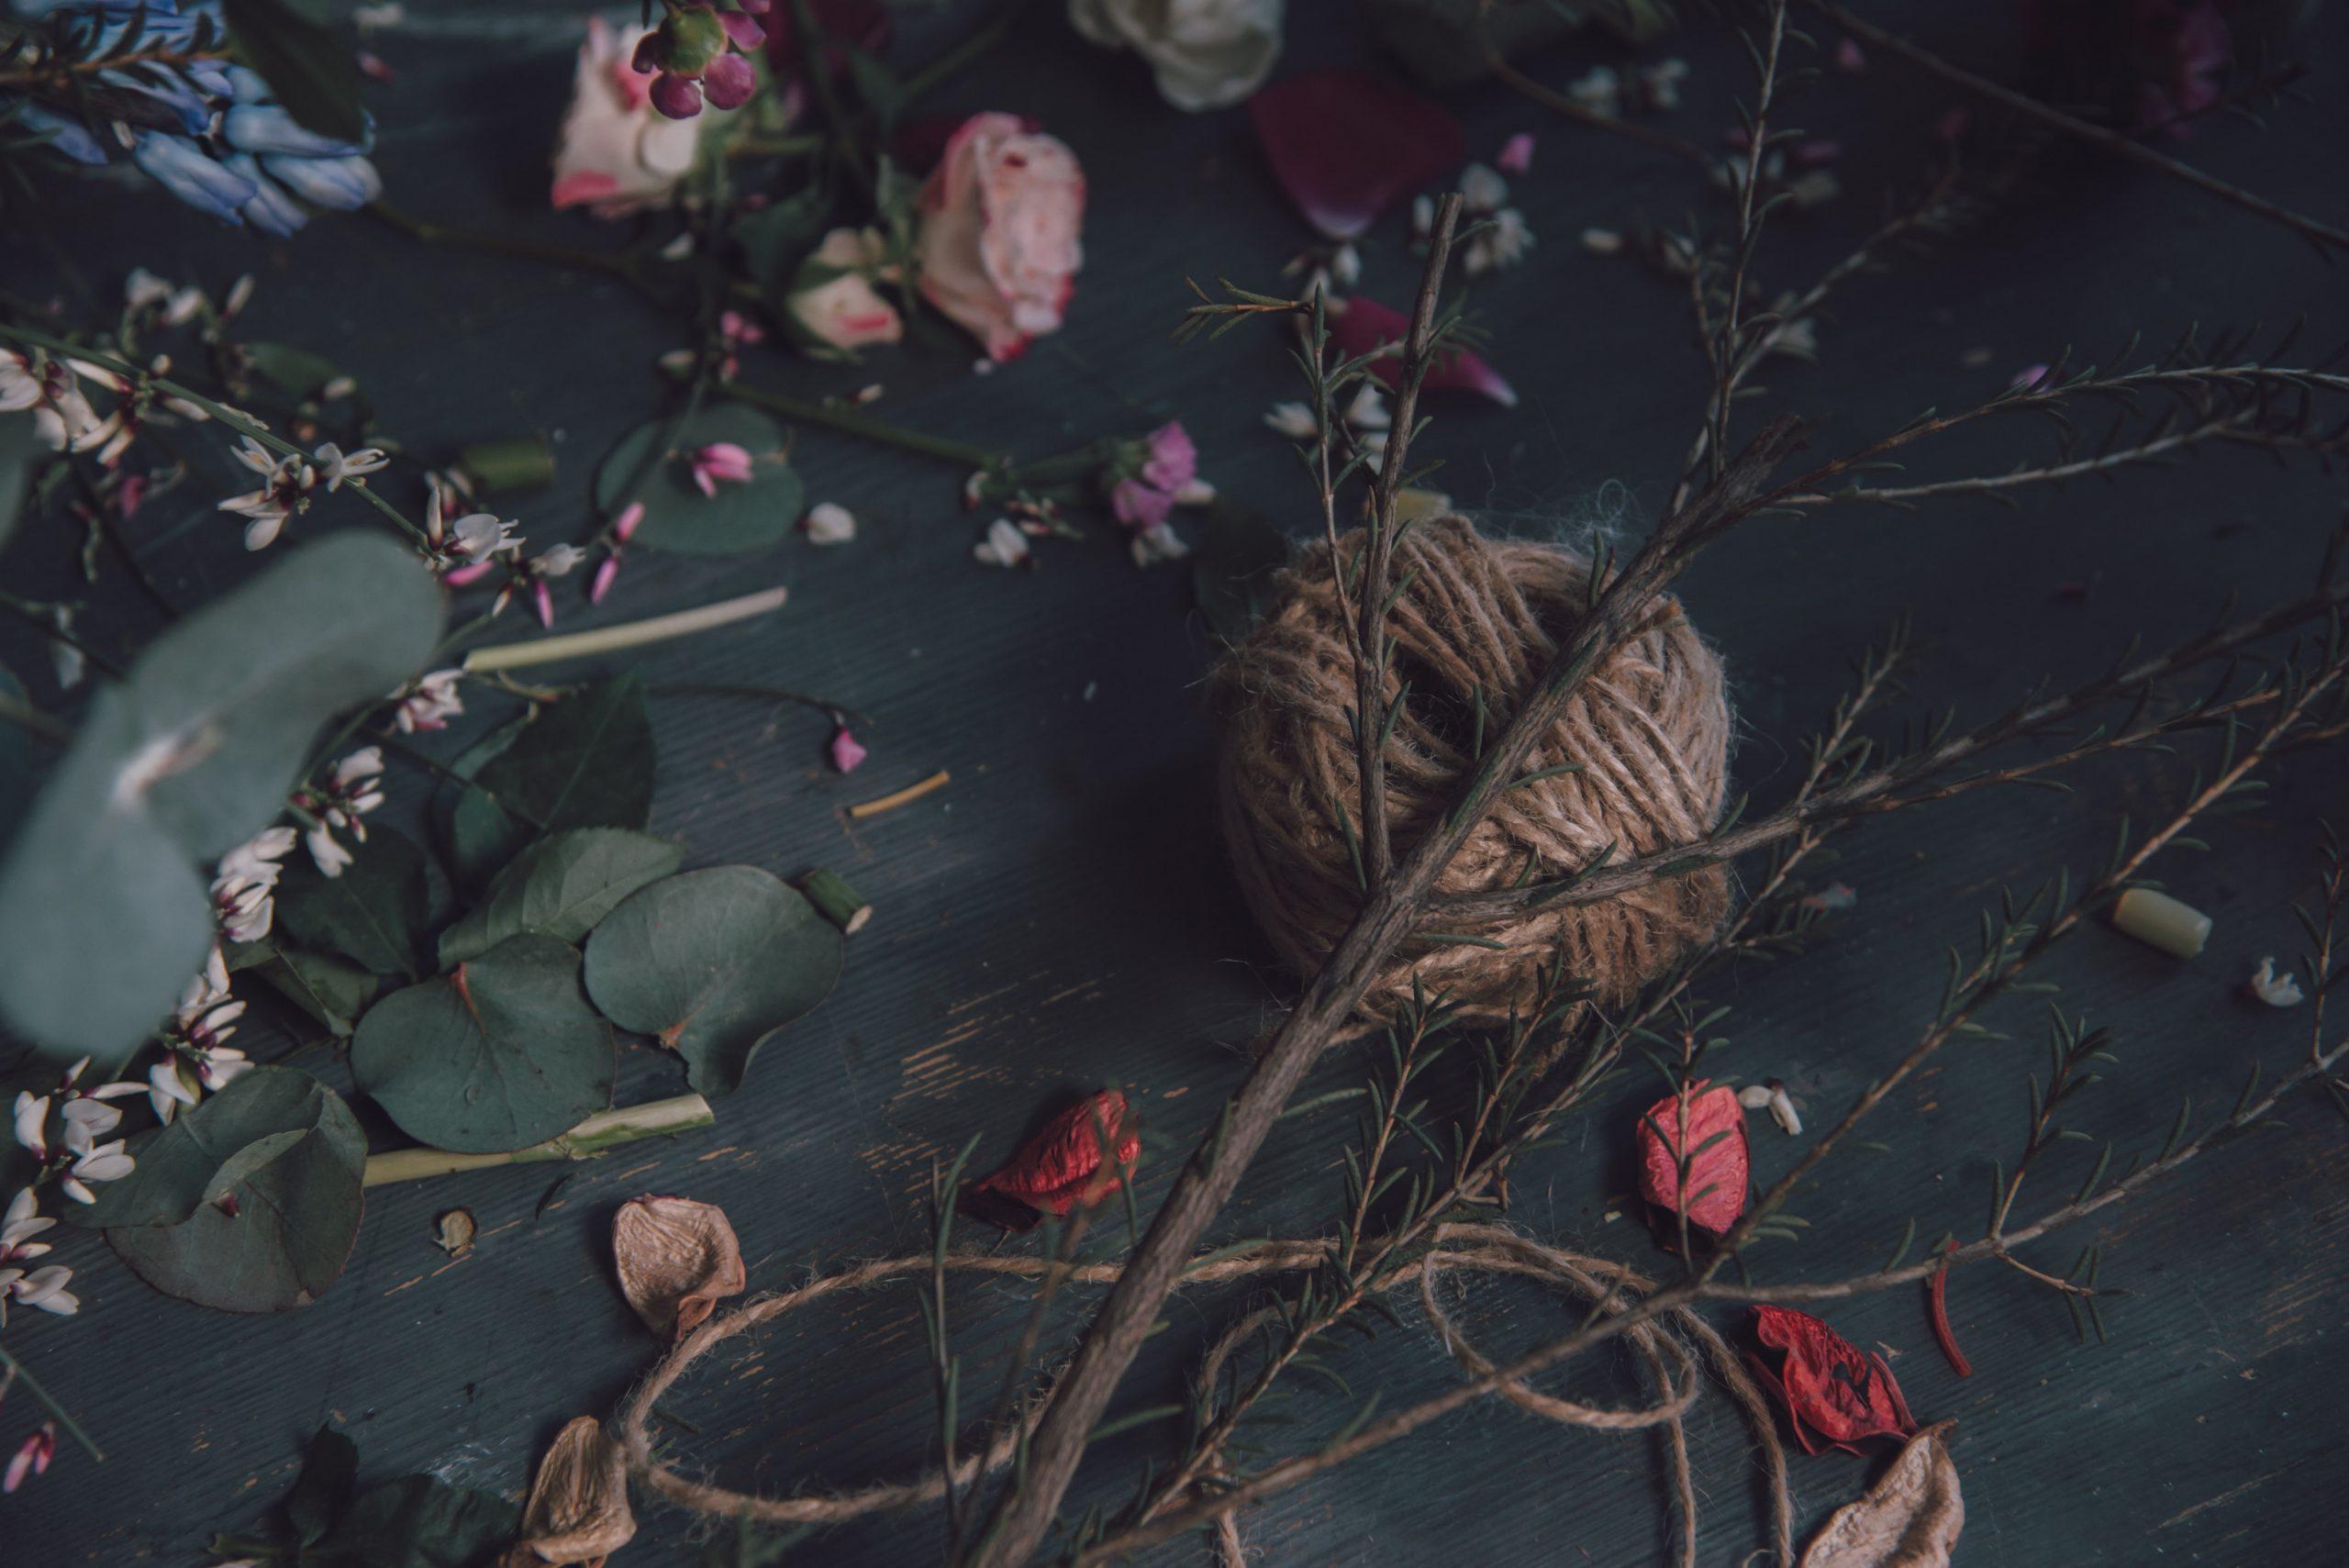 Twig Crafts